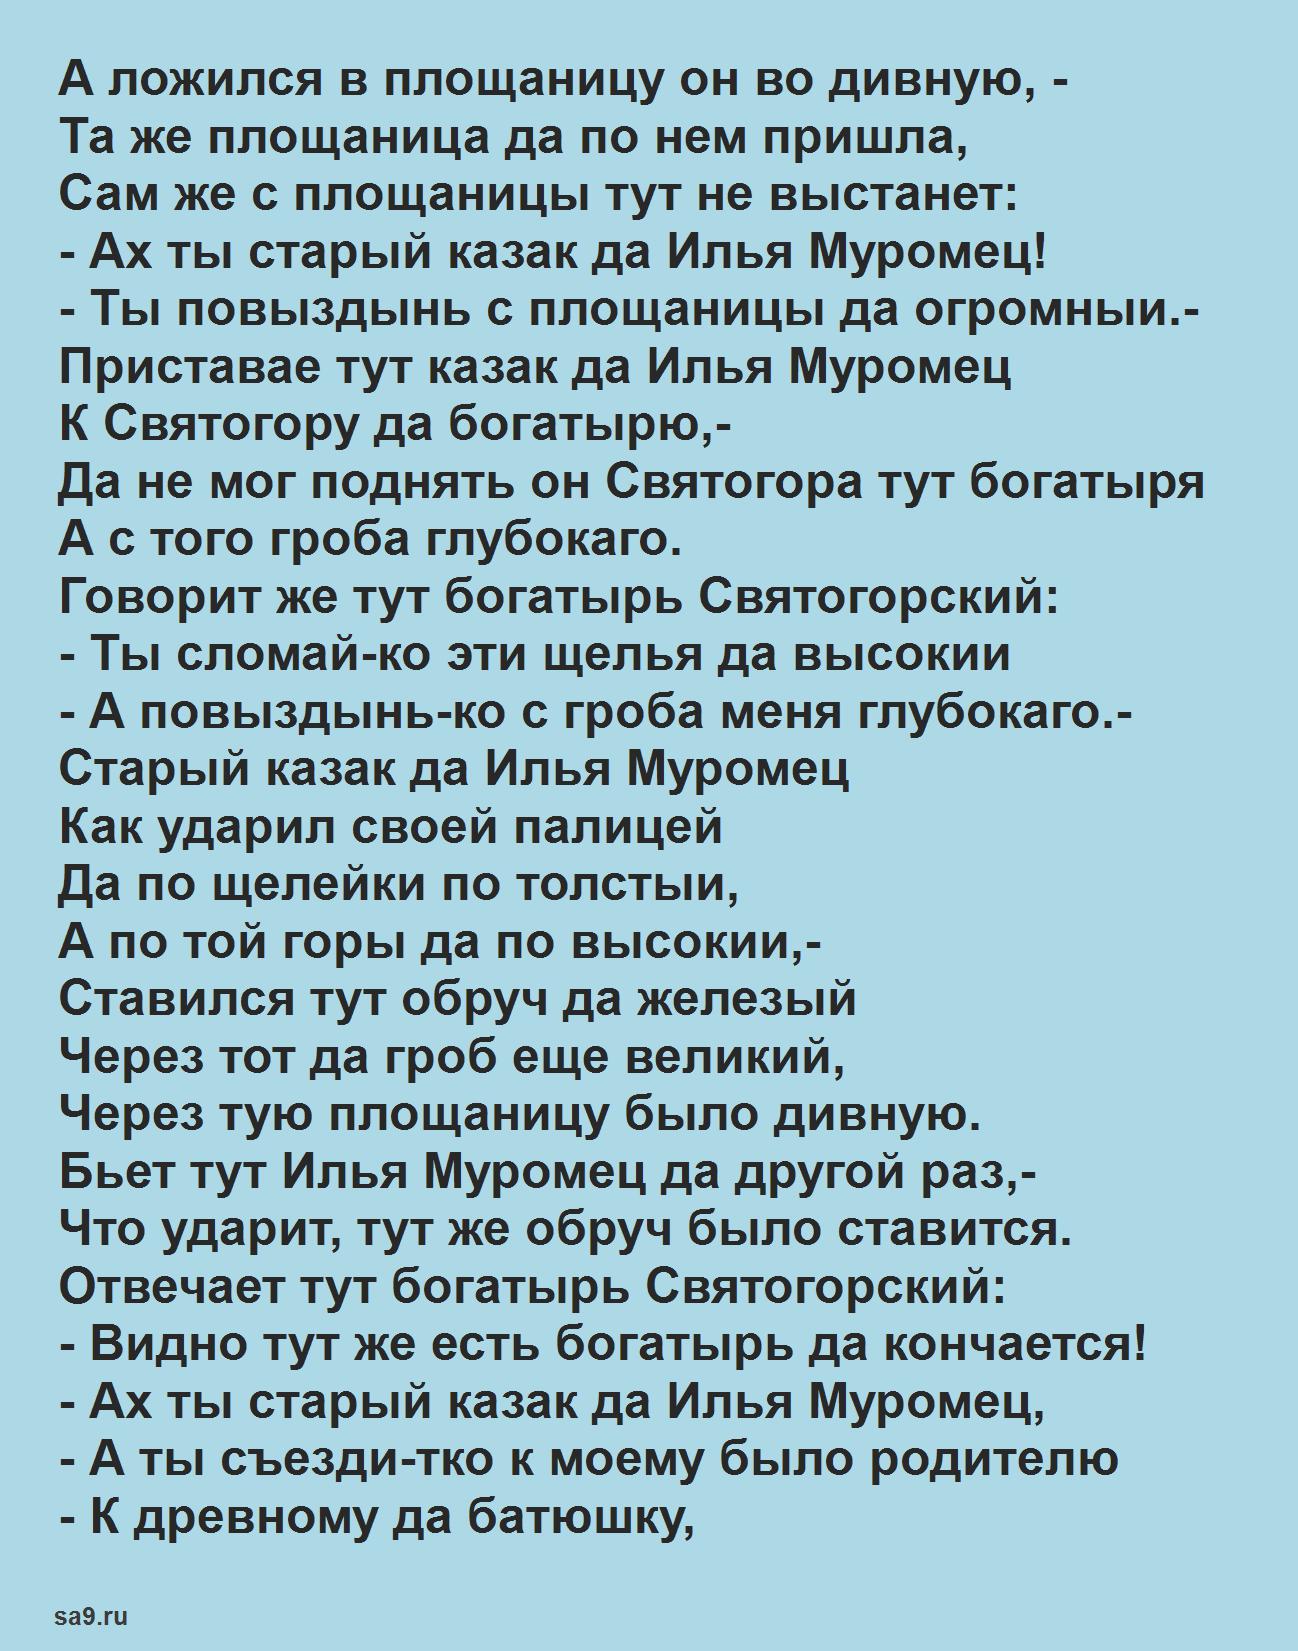 Читаем былину - Илья Муромец и Святогор, полностью